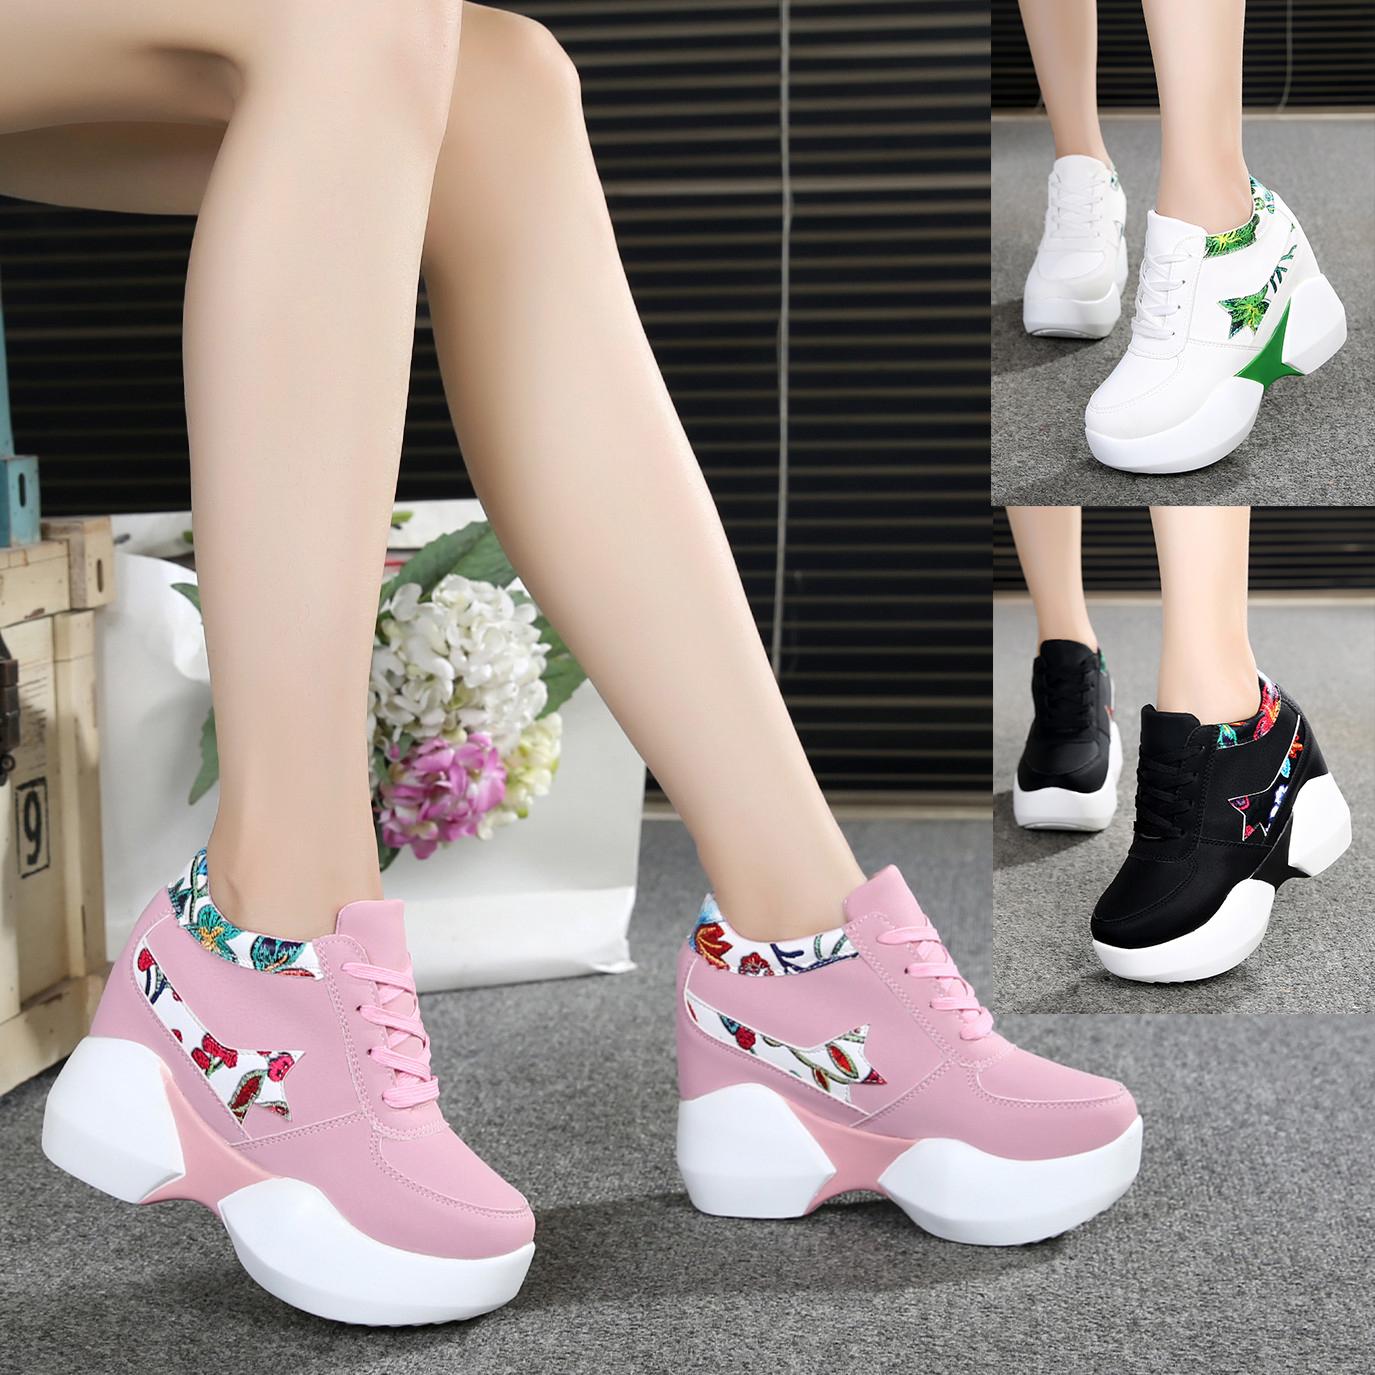 内增高运动鞋春季女士新款2018百搭韩版坡跟厚底超高跟休闲鞋单鞋